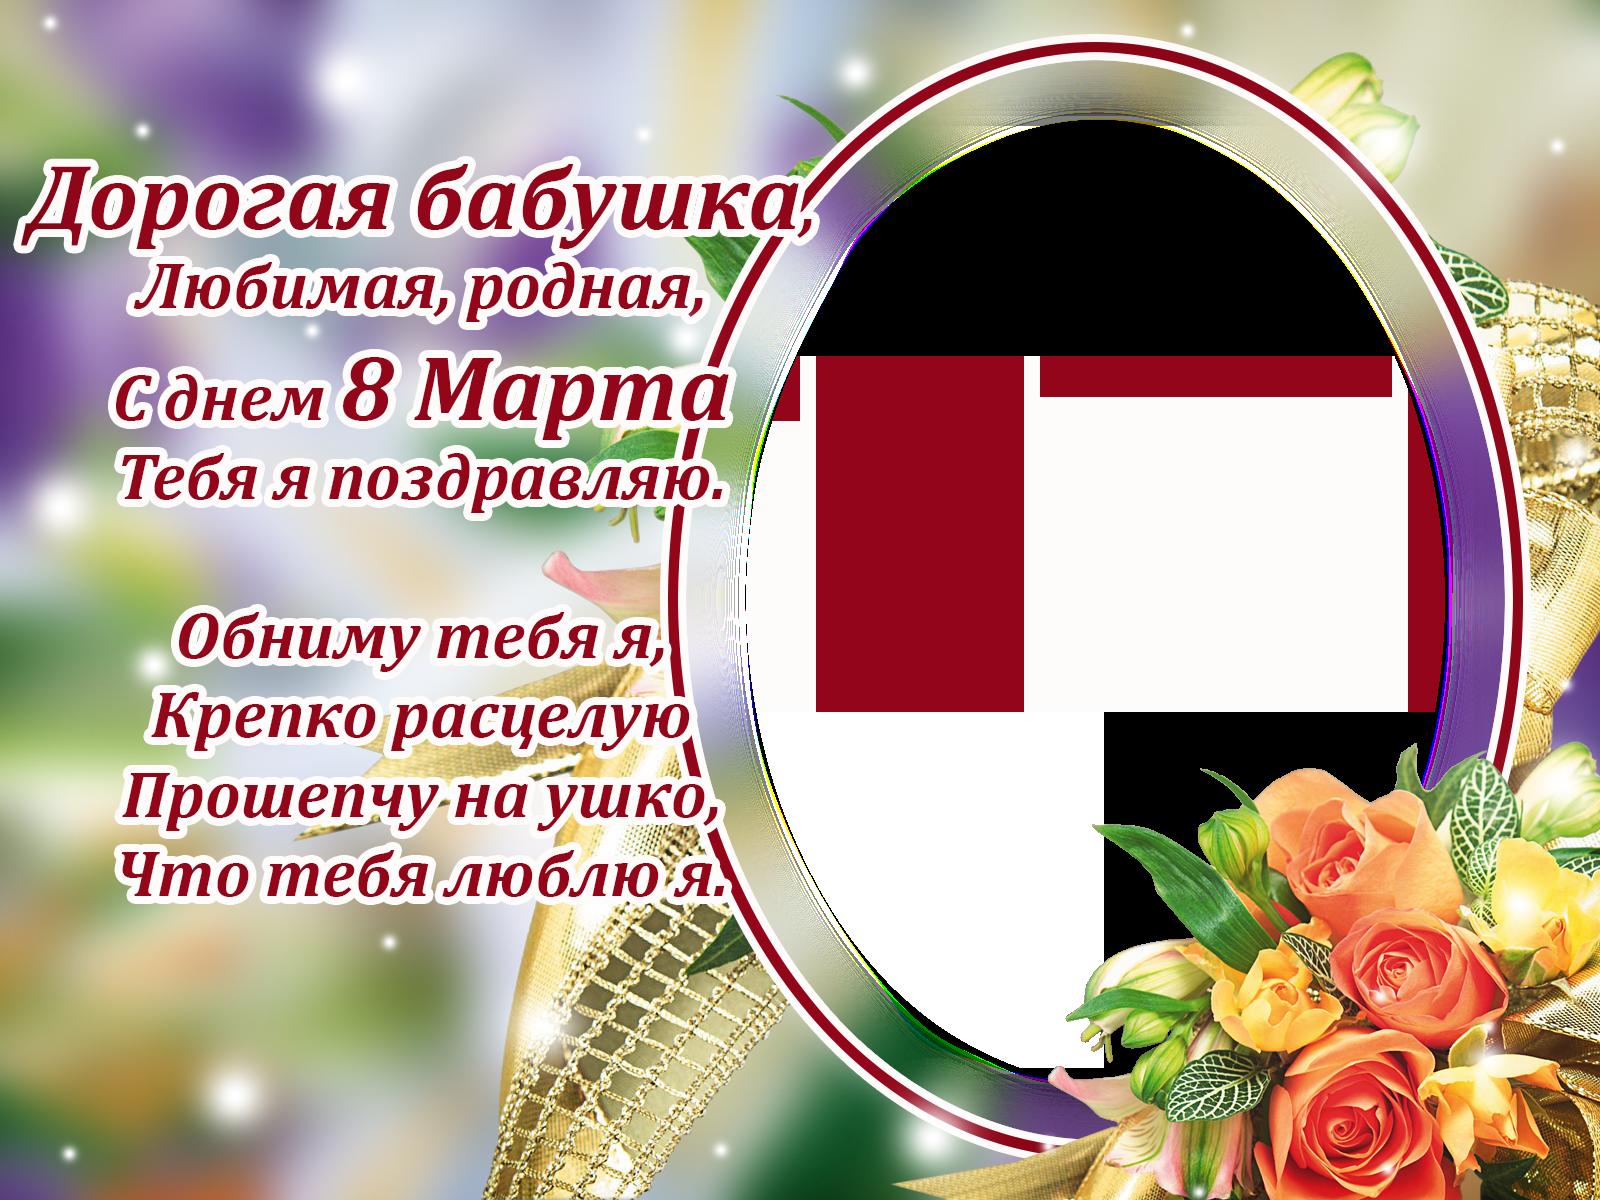 Фоторамка С днем 8 Марта Фоторамка для фотошопа, PNG шаблон. Дорогая бабушка, любимая, родная. С днем 8 Марта тебя я поздравляю.